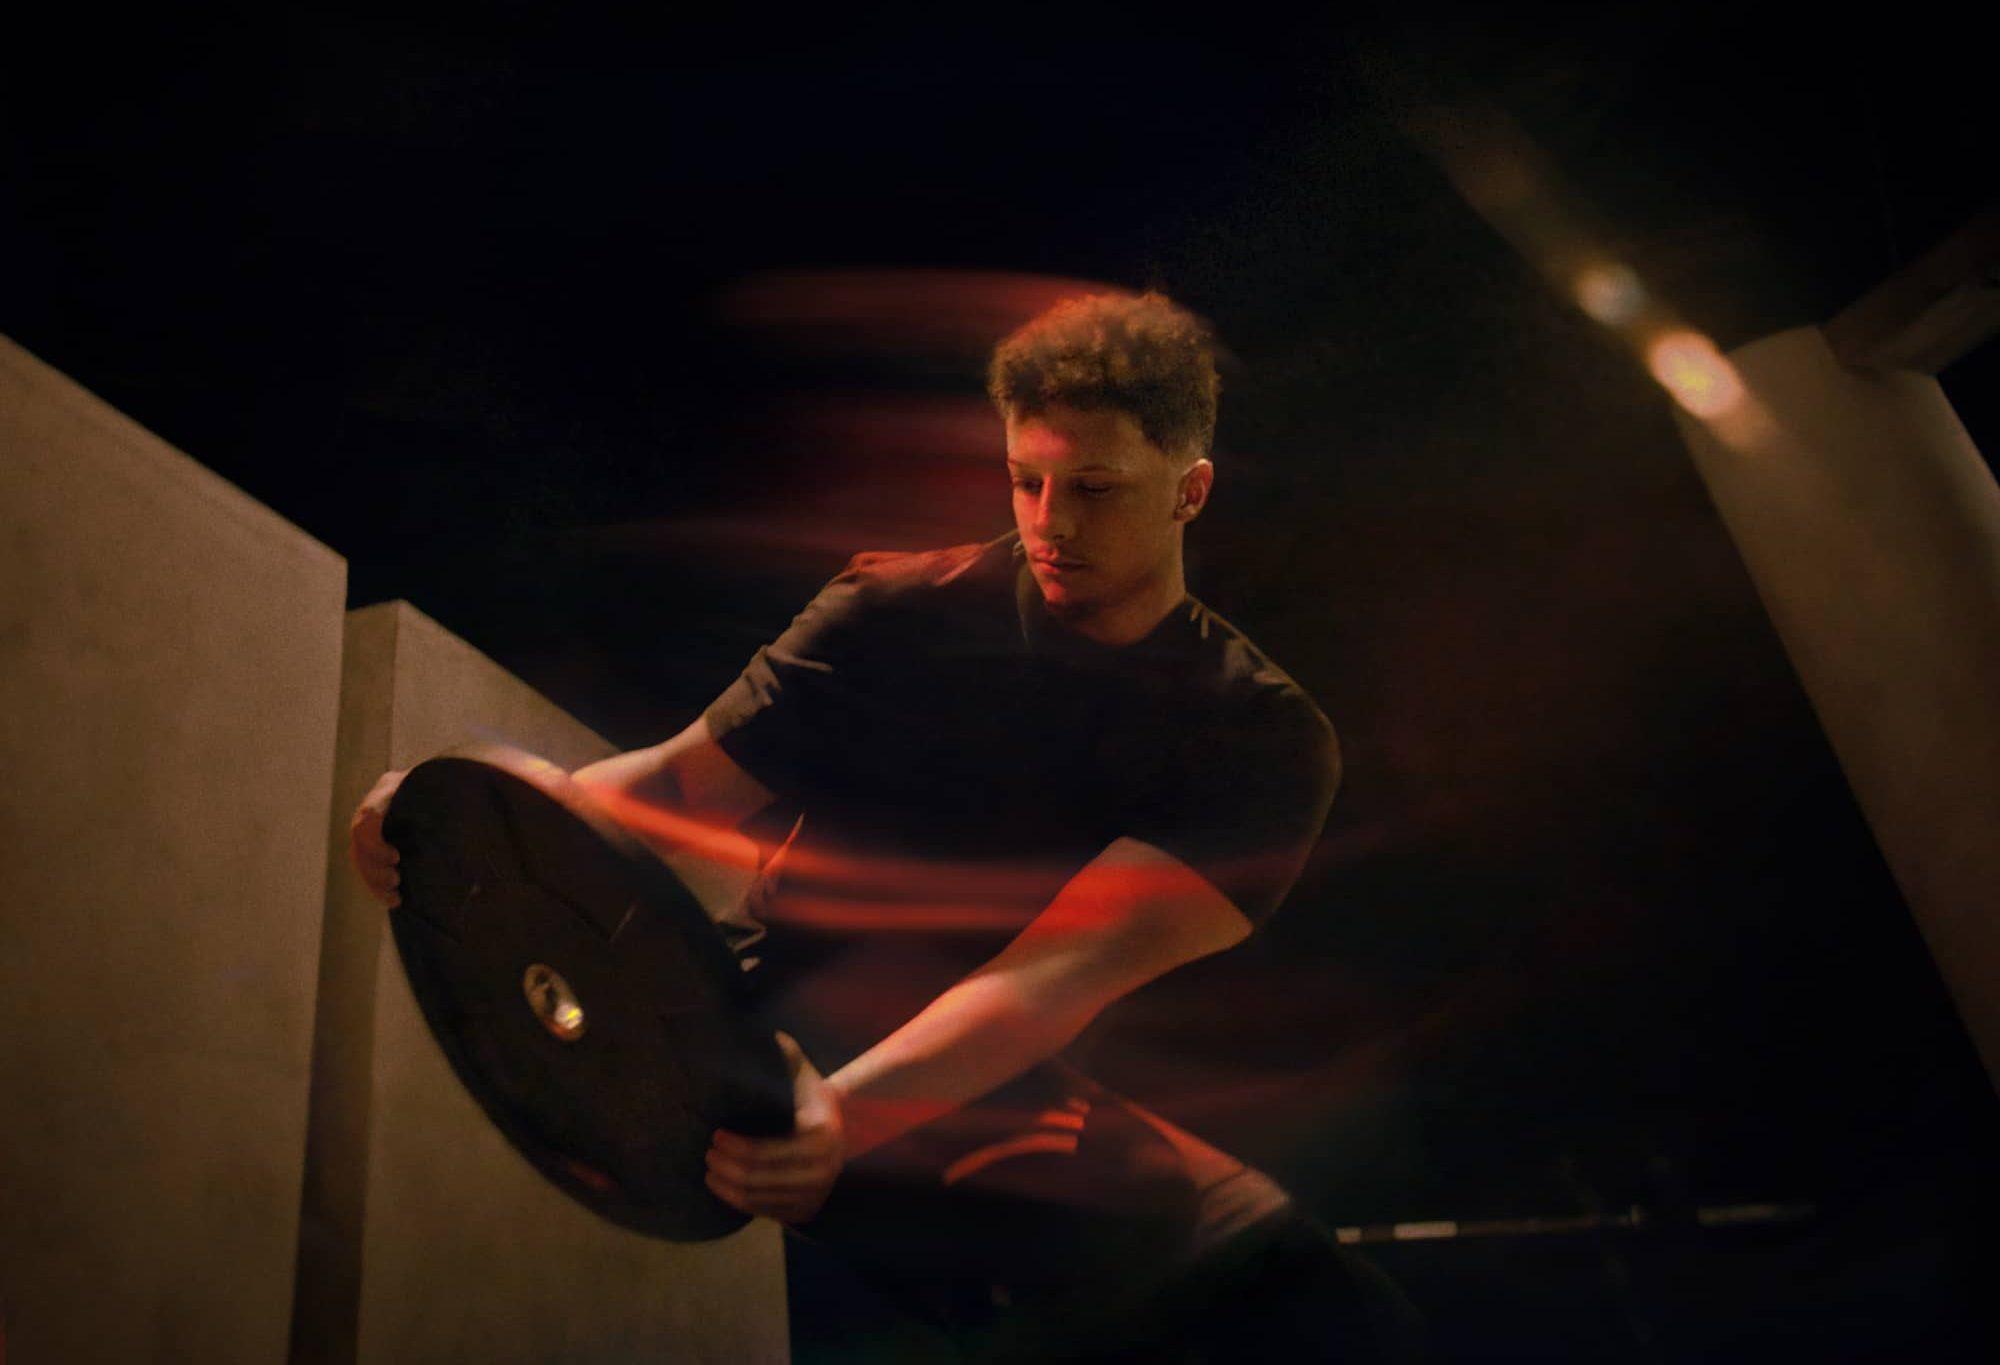 Patrick Mahomes lifting weights